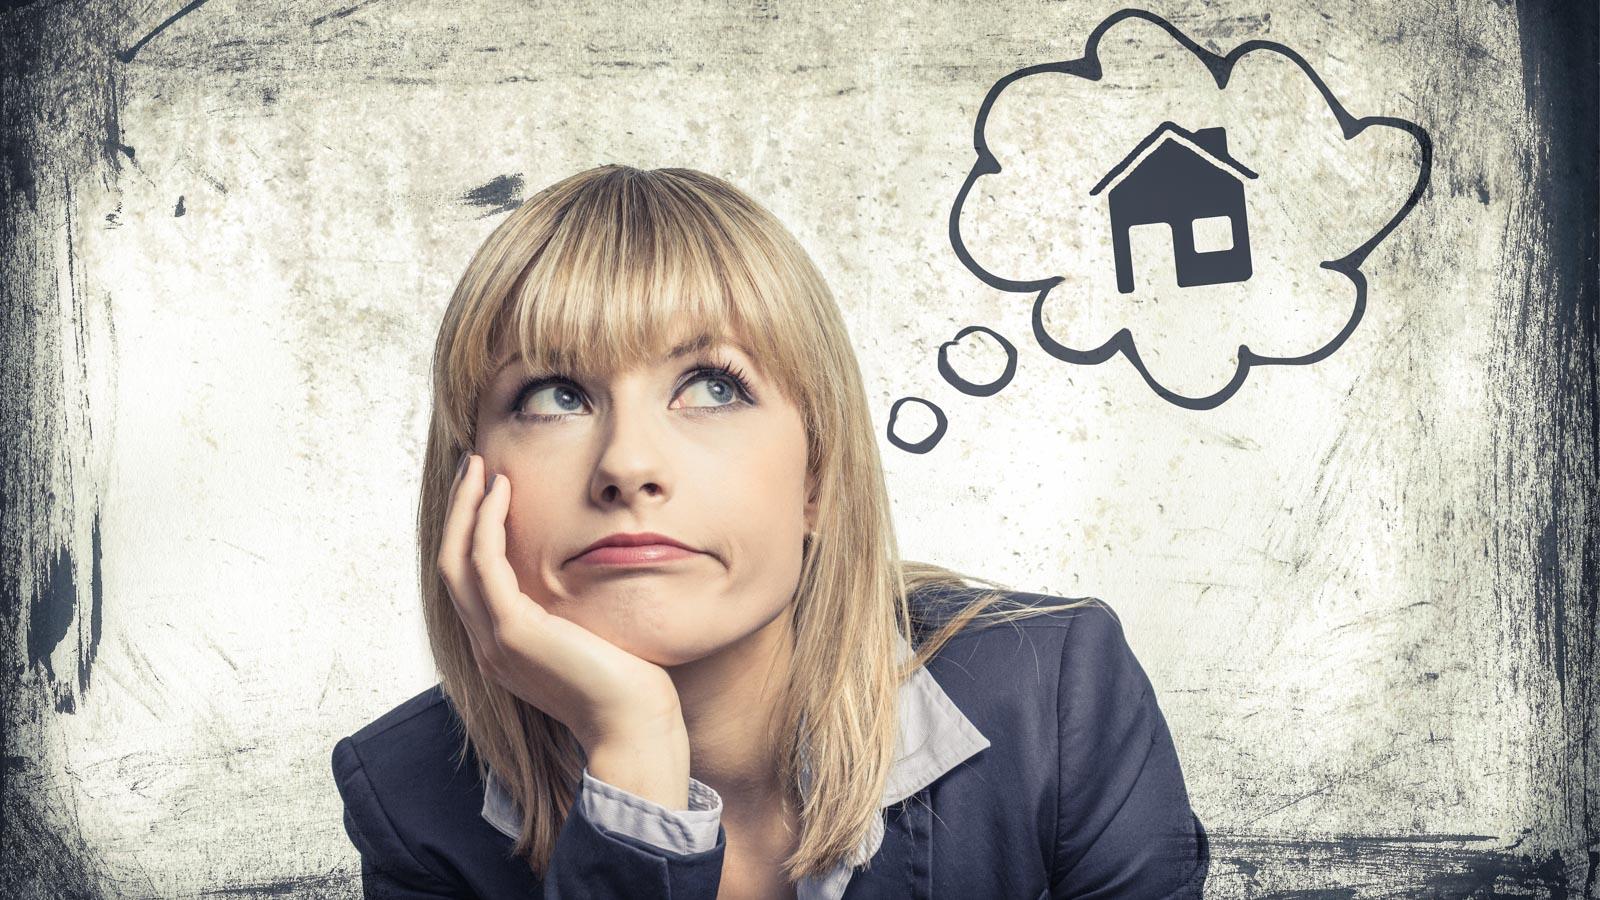 Gelangweilte junge Frau mit Comic-Denkblase, in der ein Haus zu sehen ist